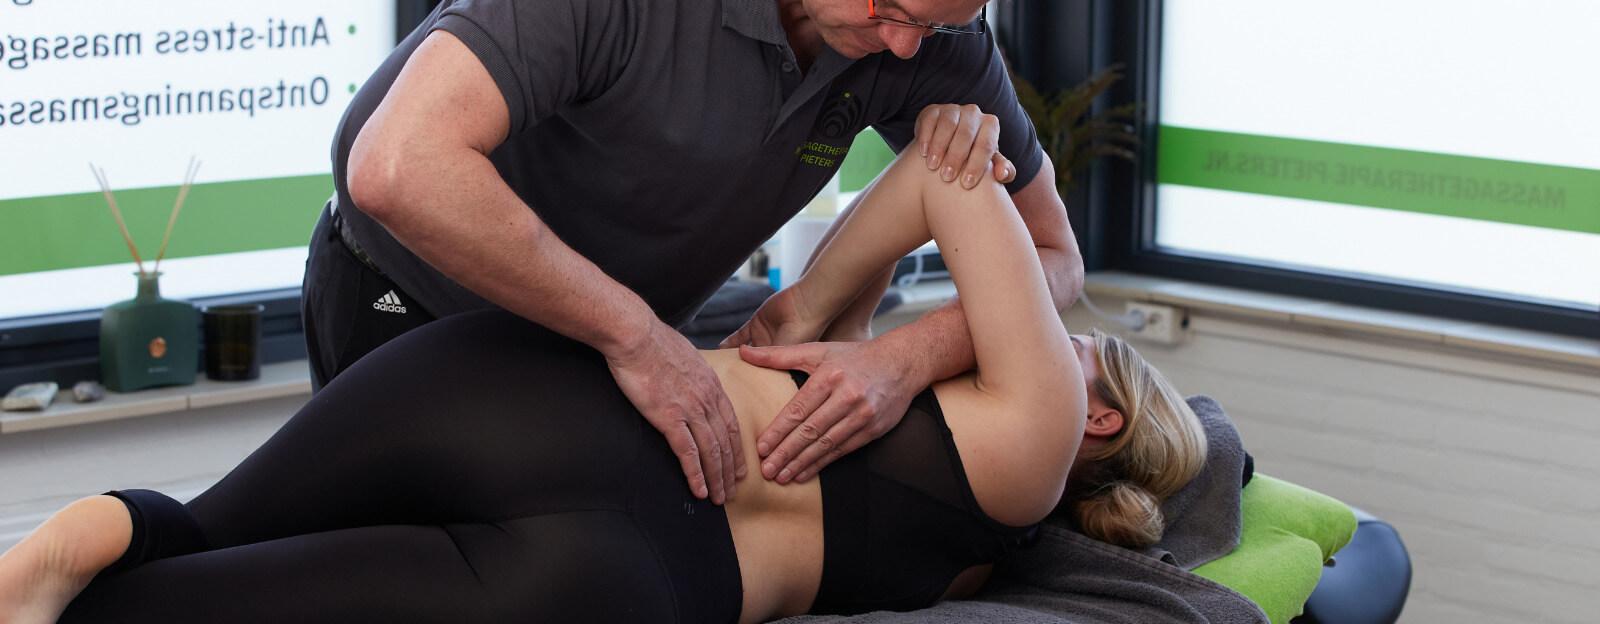 Klachtenvrij bewegen - optimaal herstel bij (onbegrepen) pijnklachten.